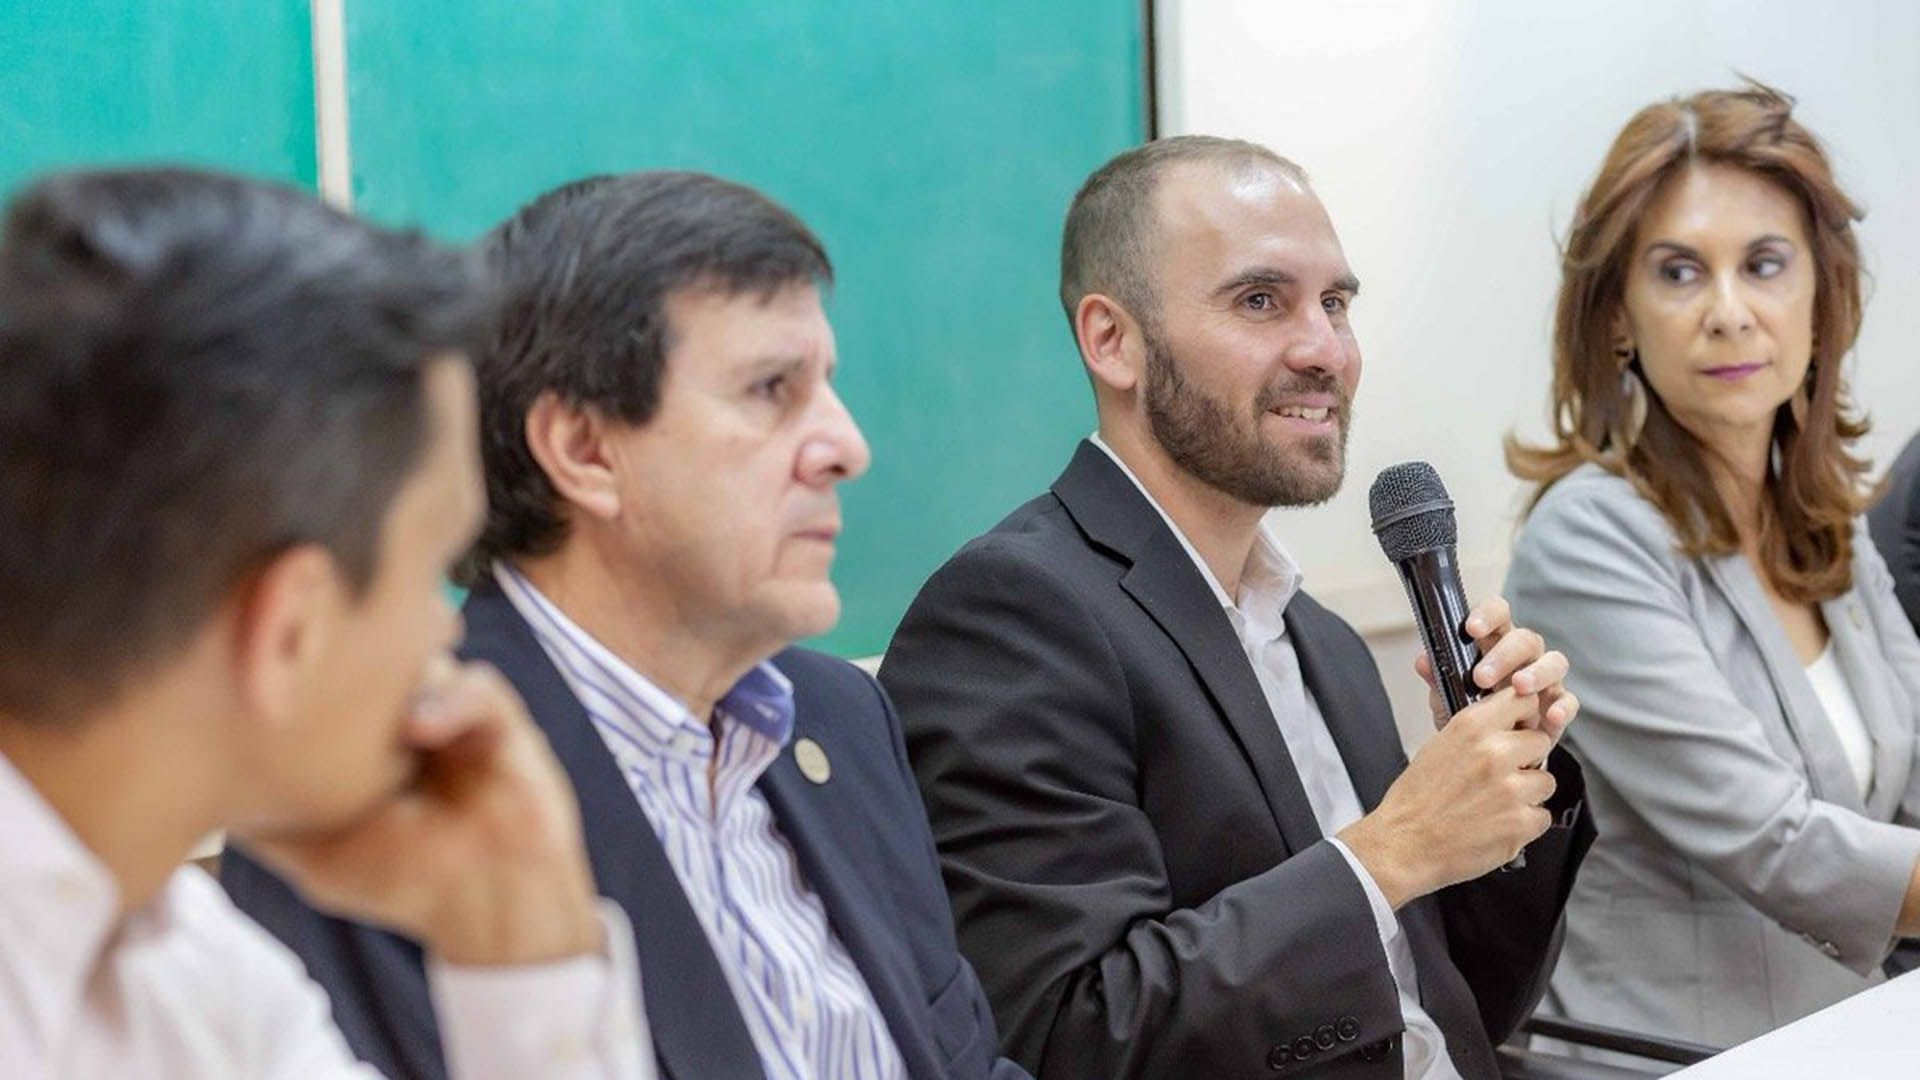 El economista en una charla en Tucumán, en octubre pasado (@Martin_M_Guzman)